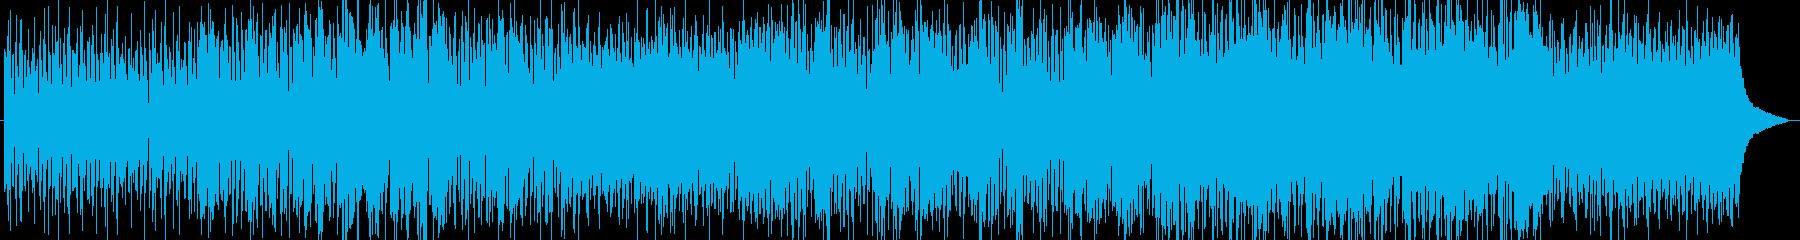 フルートのメロディが印象的な爽やかな曲の再生済みの波形